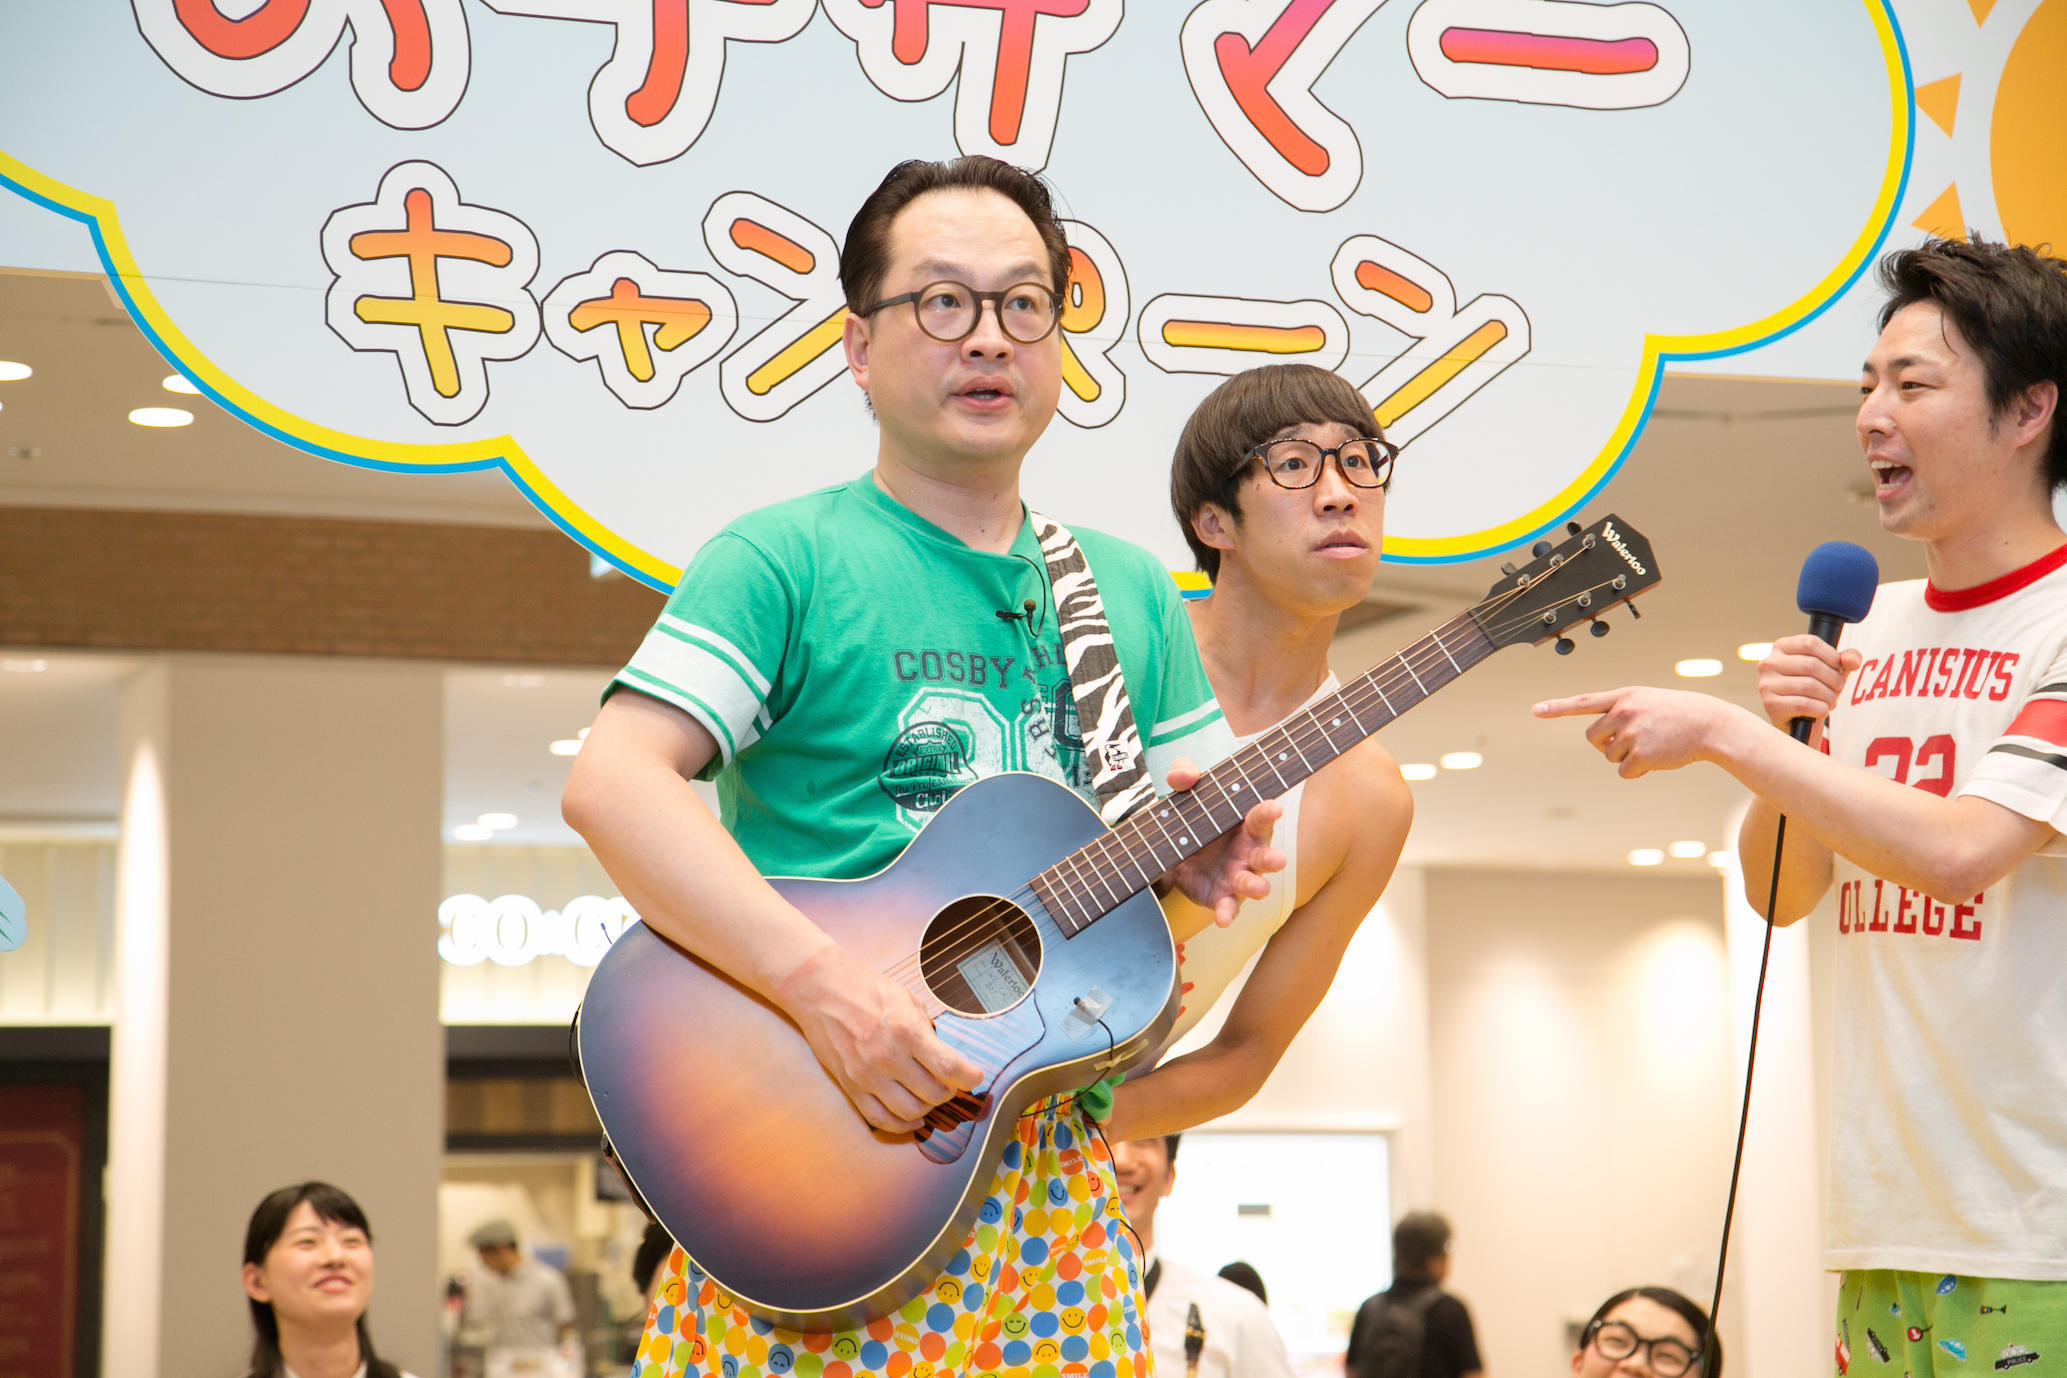 http://news.yoshimoto.co.jp/20180717223803-c9e7067cd1a19510caa7c17d7873d34609ce7739.jpg